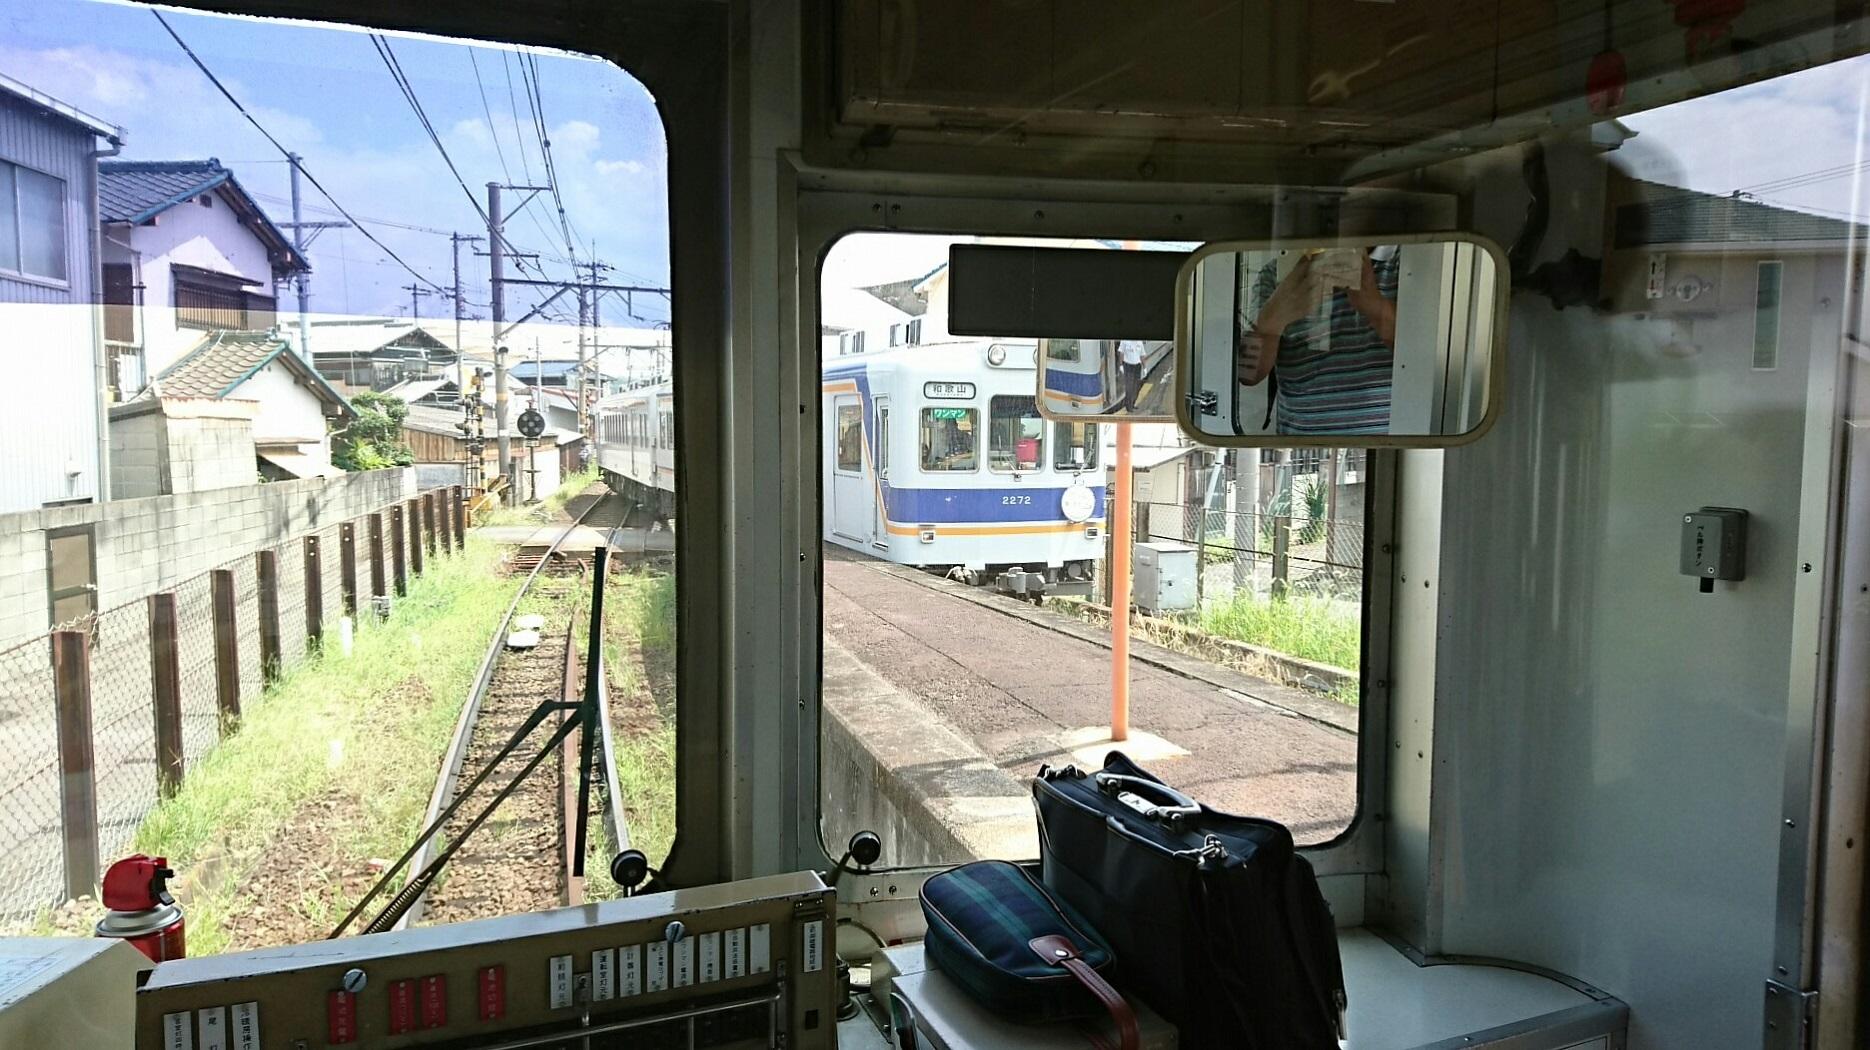 2017.8.17 たま電車 (15) 貴志いきふつう - 日前宮(和歌山いきふつう) 1870-1050